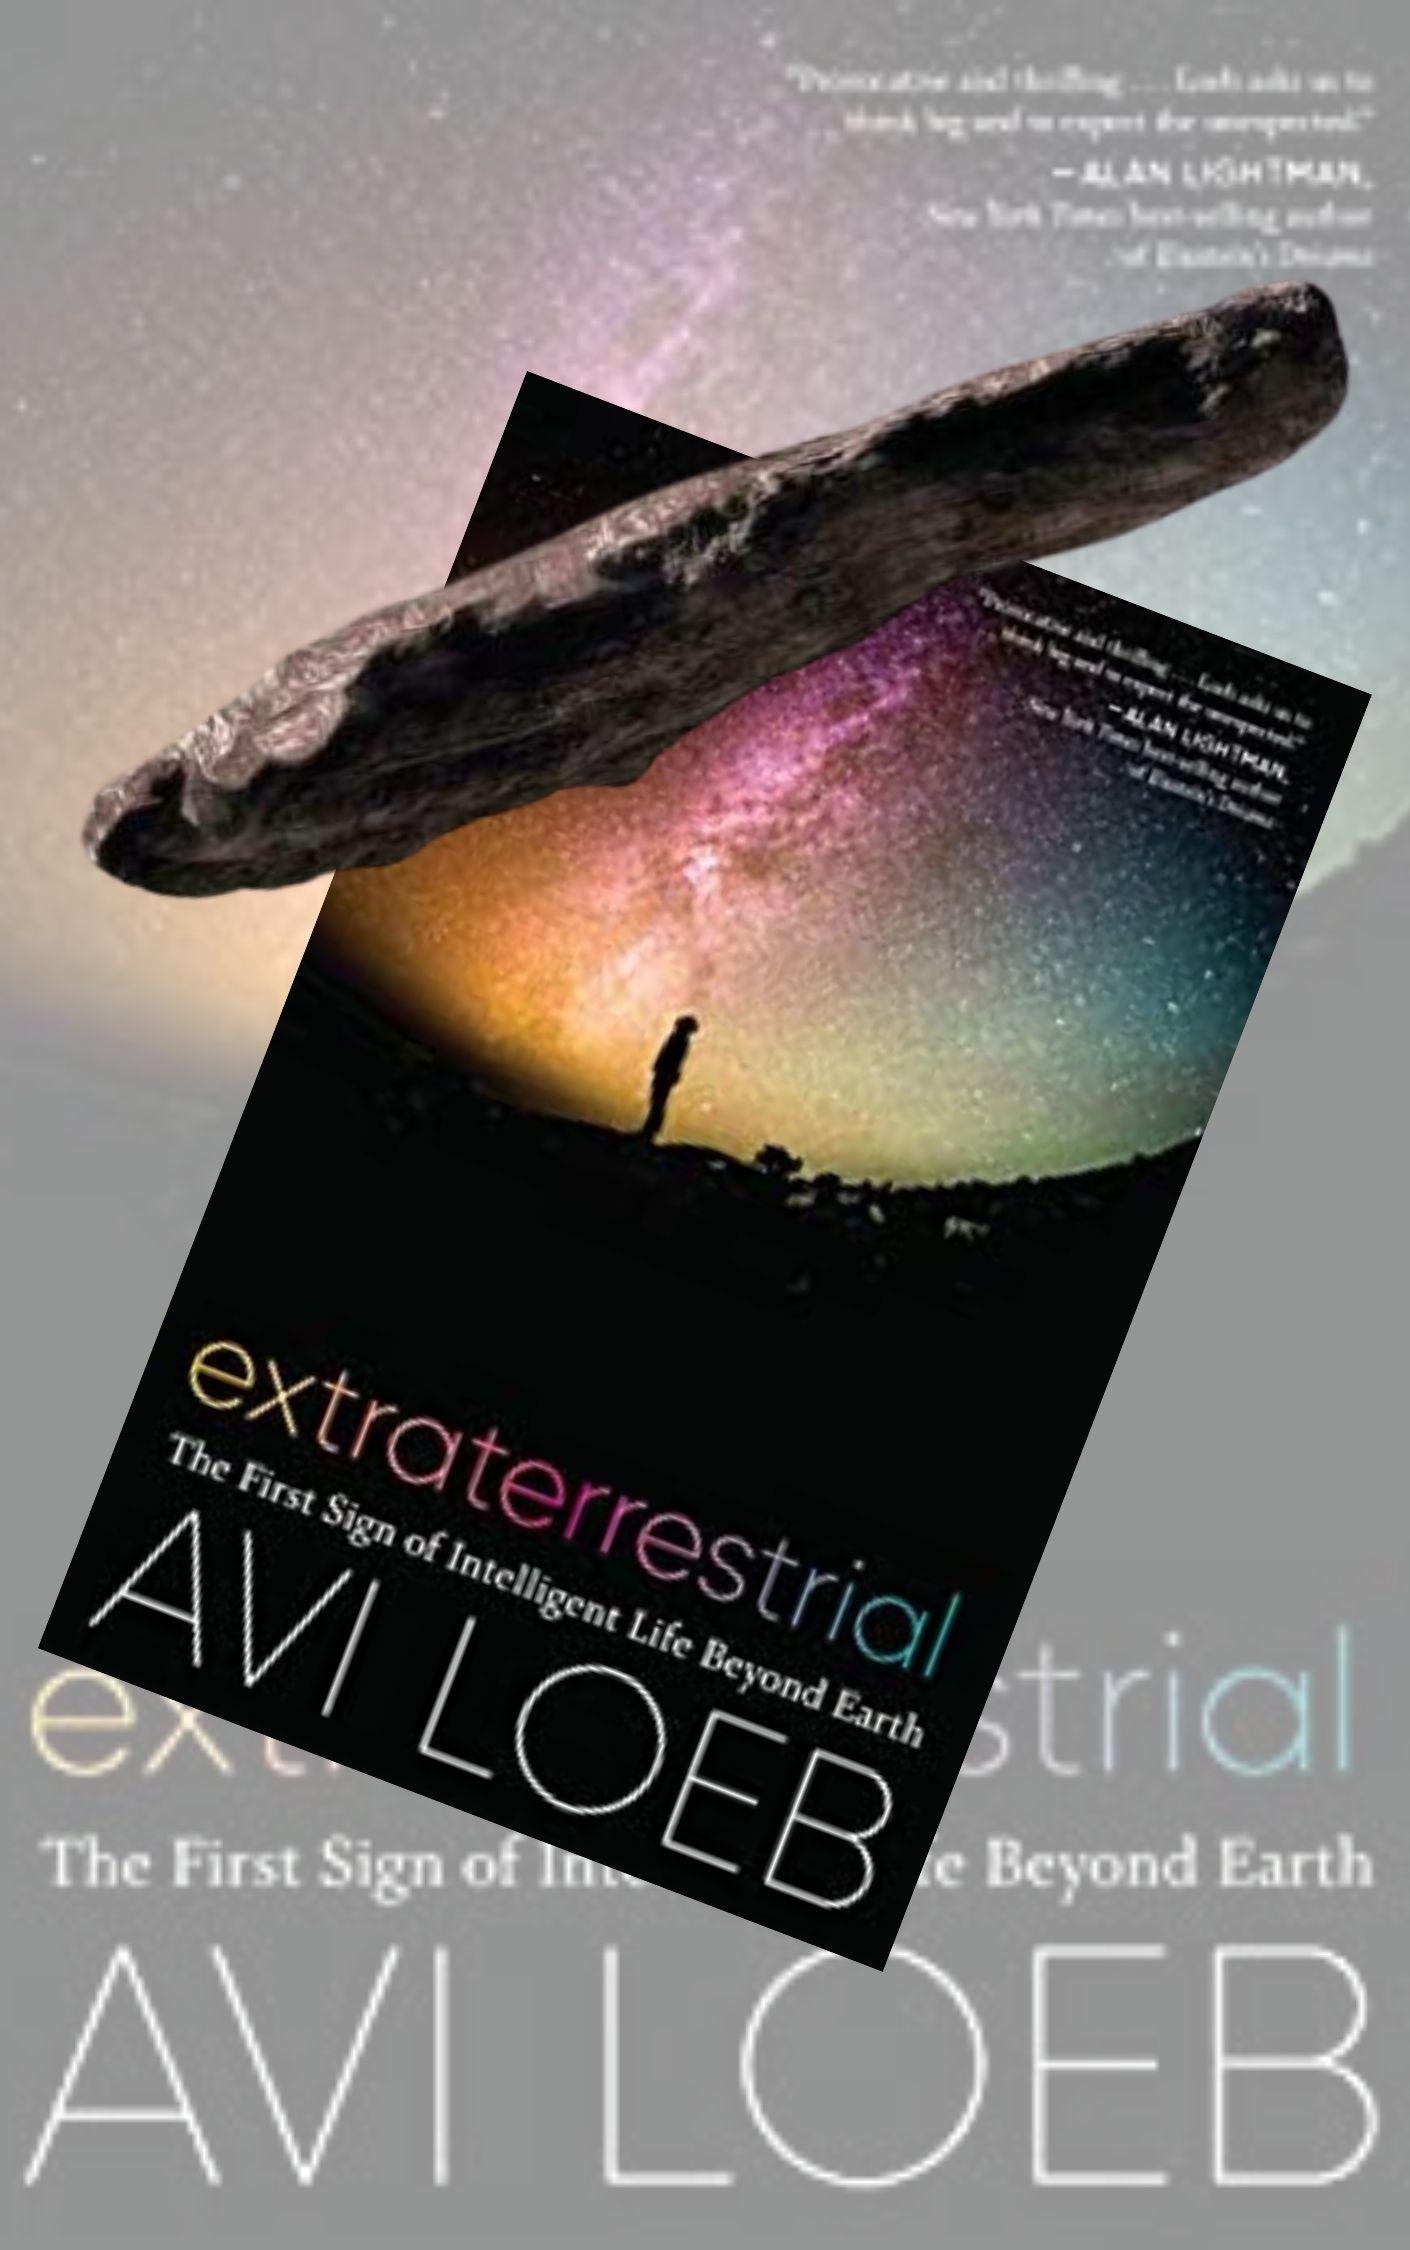 È uscito il libro di Avi Loeb che parla di Oumuamua: l'artefatto alieno (?) che è passato vicino alla Terra nel 2017